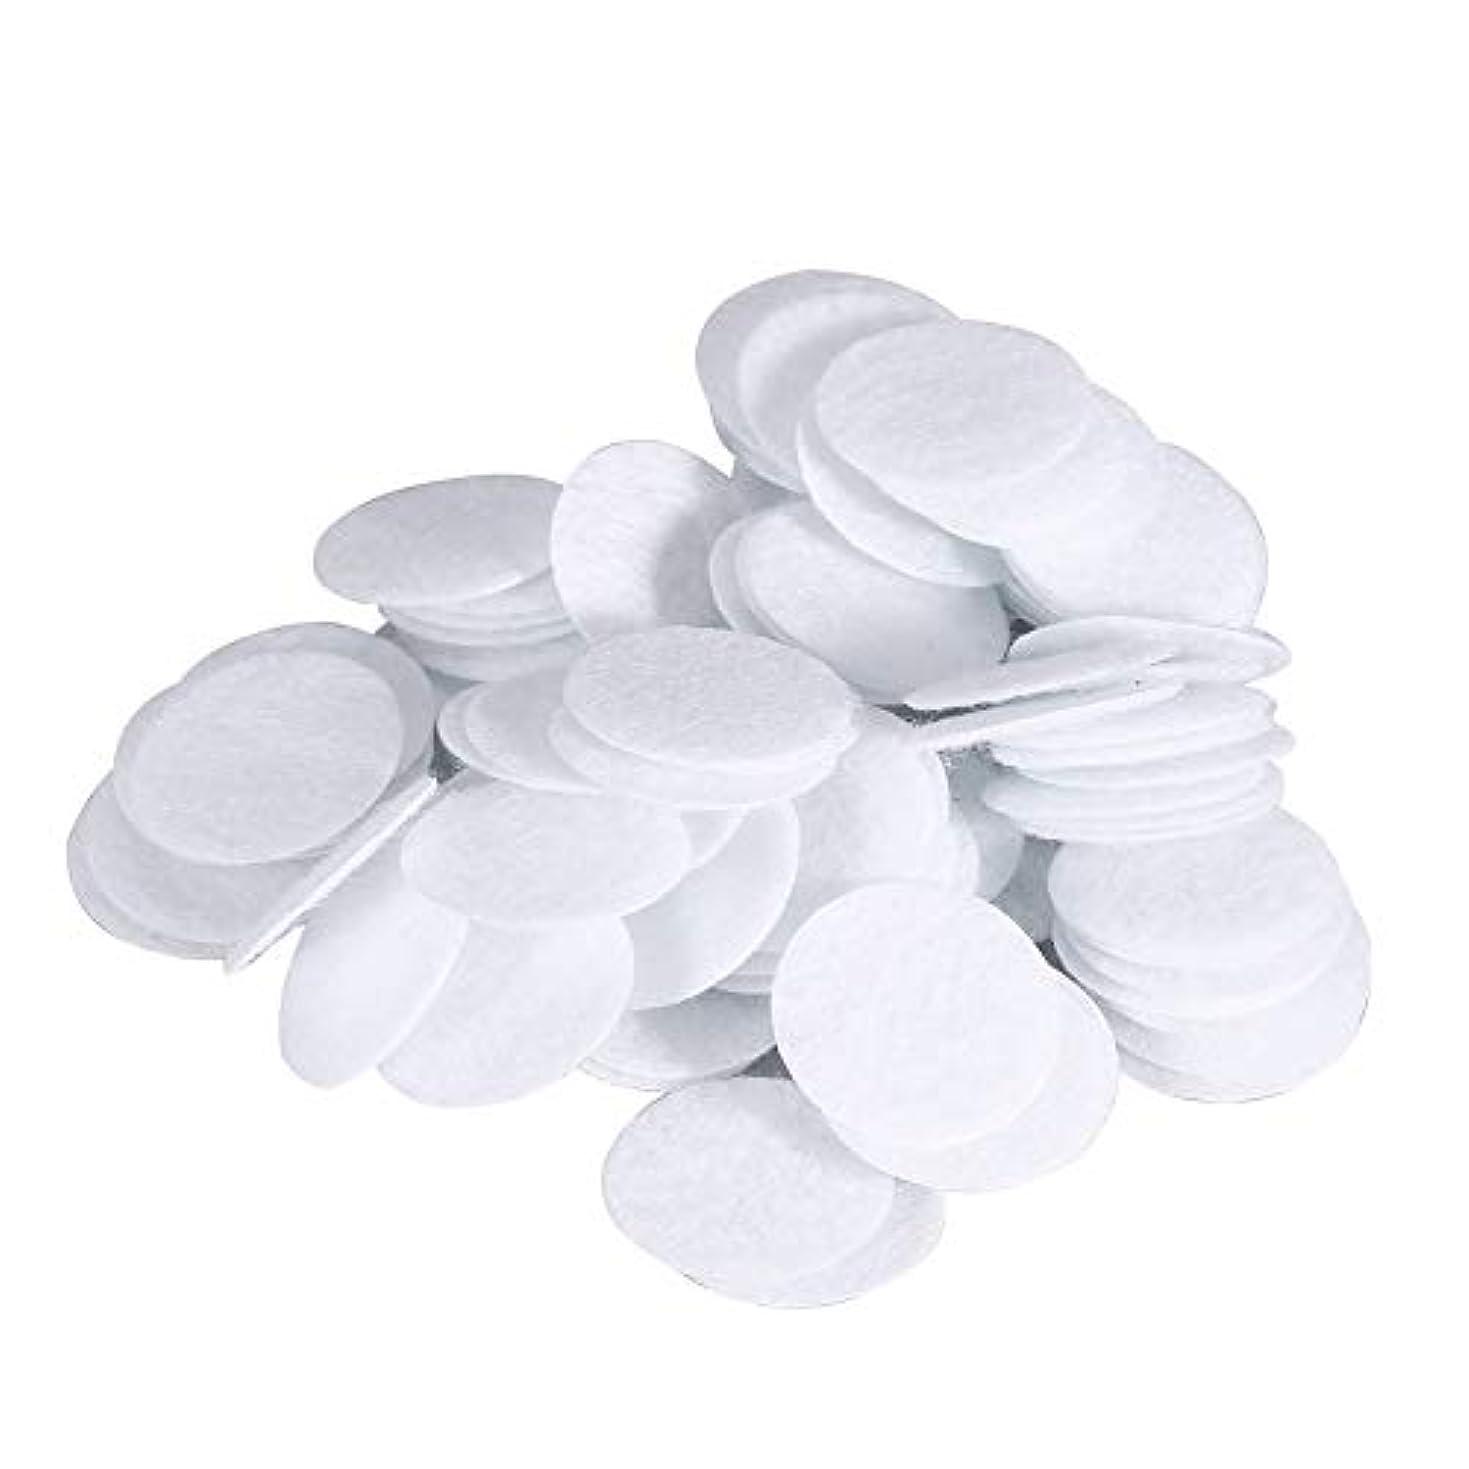 ペンス悔い改め寄り添う綿フィルターパッド にきび除去美容機用 100個 コットン 20mm